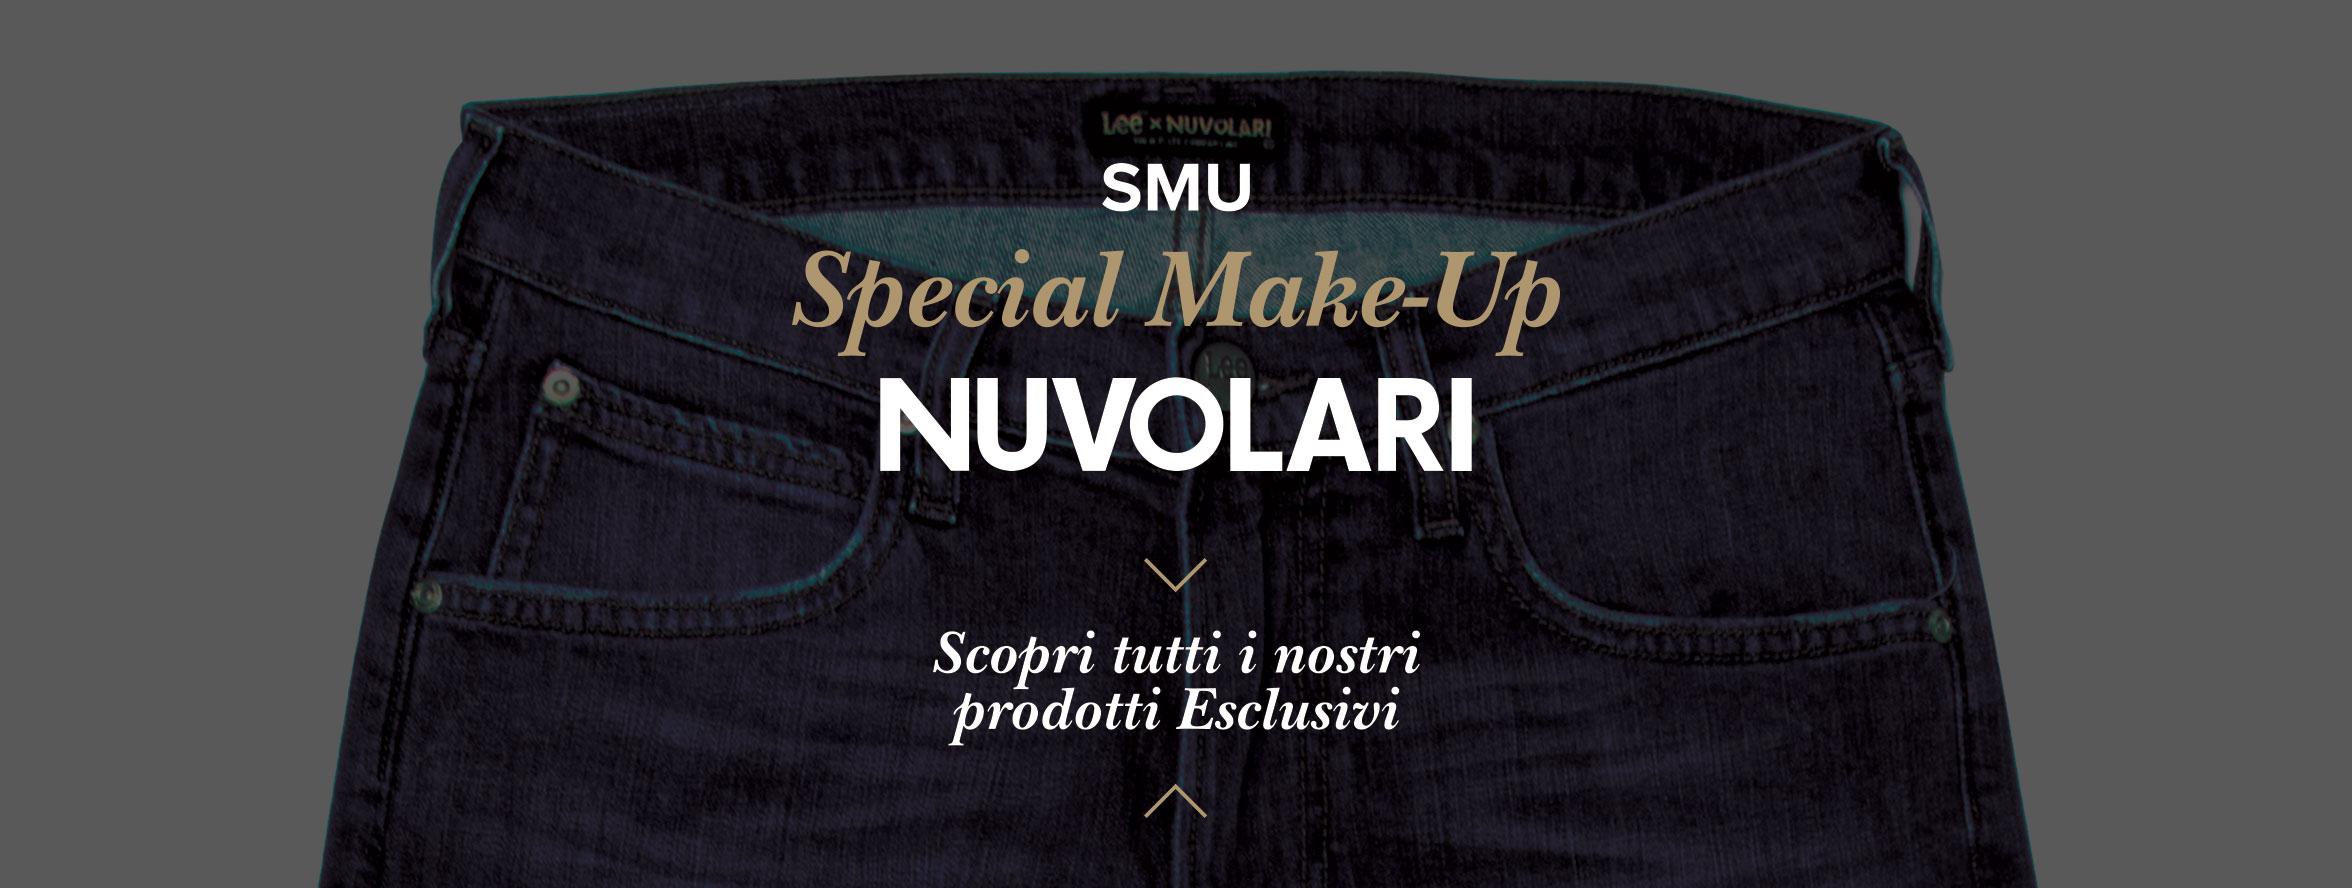 Special Make Up Nuvolari 9f89e429707f